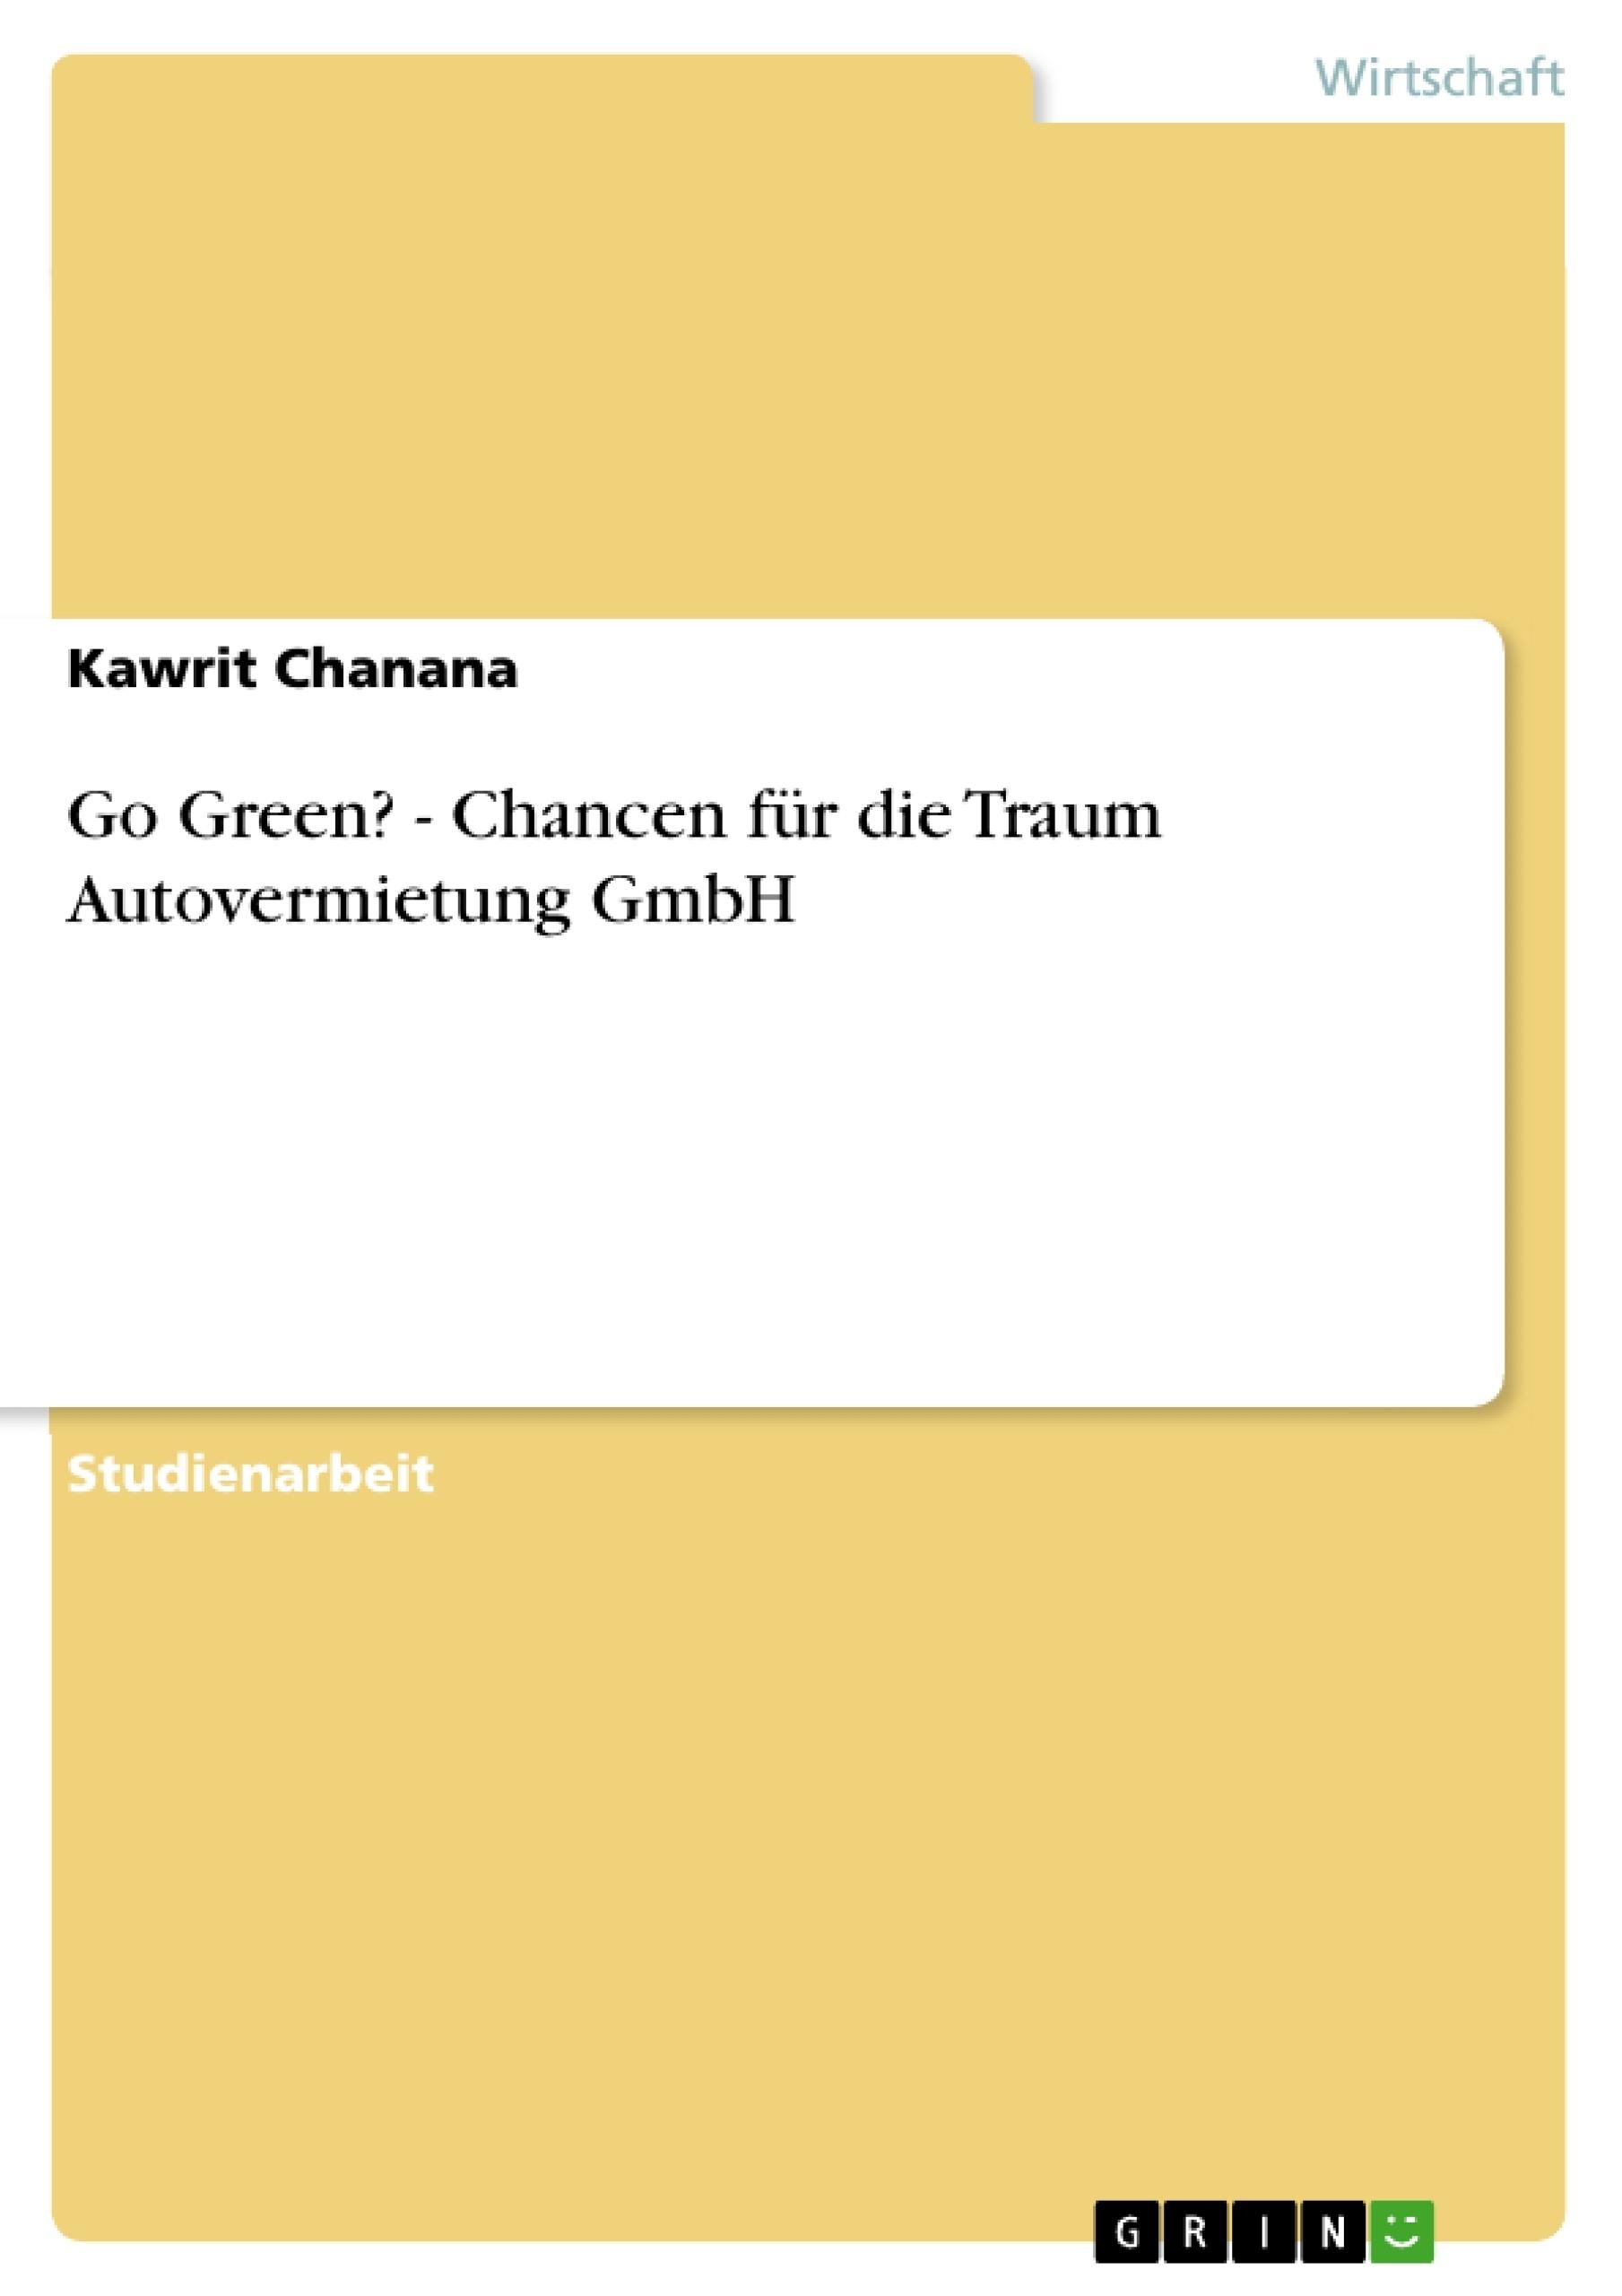 Titel: Go Green? - Chancen für die Traum Autovermietung GmbH